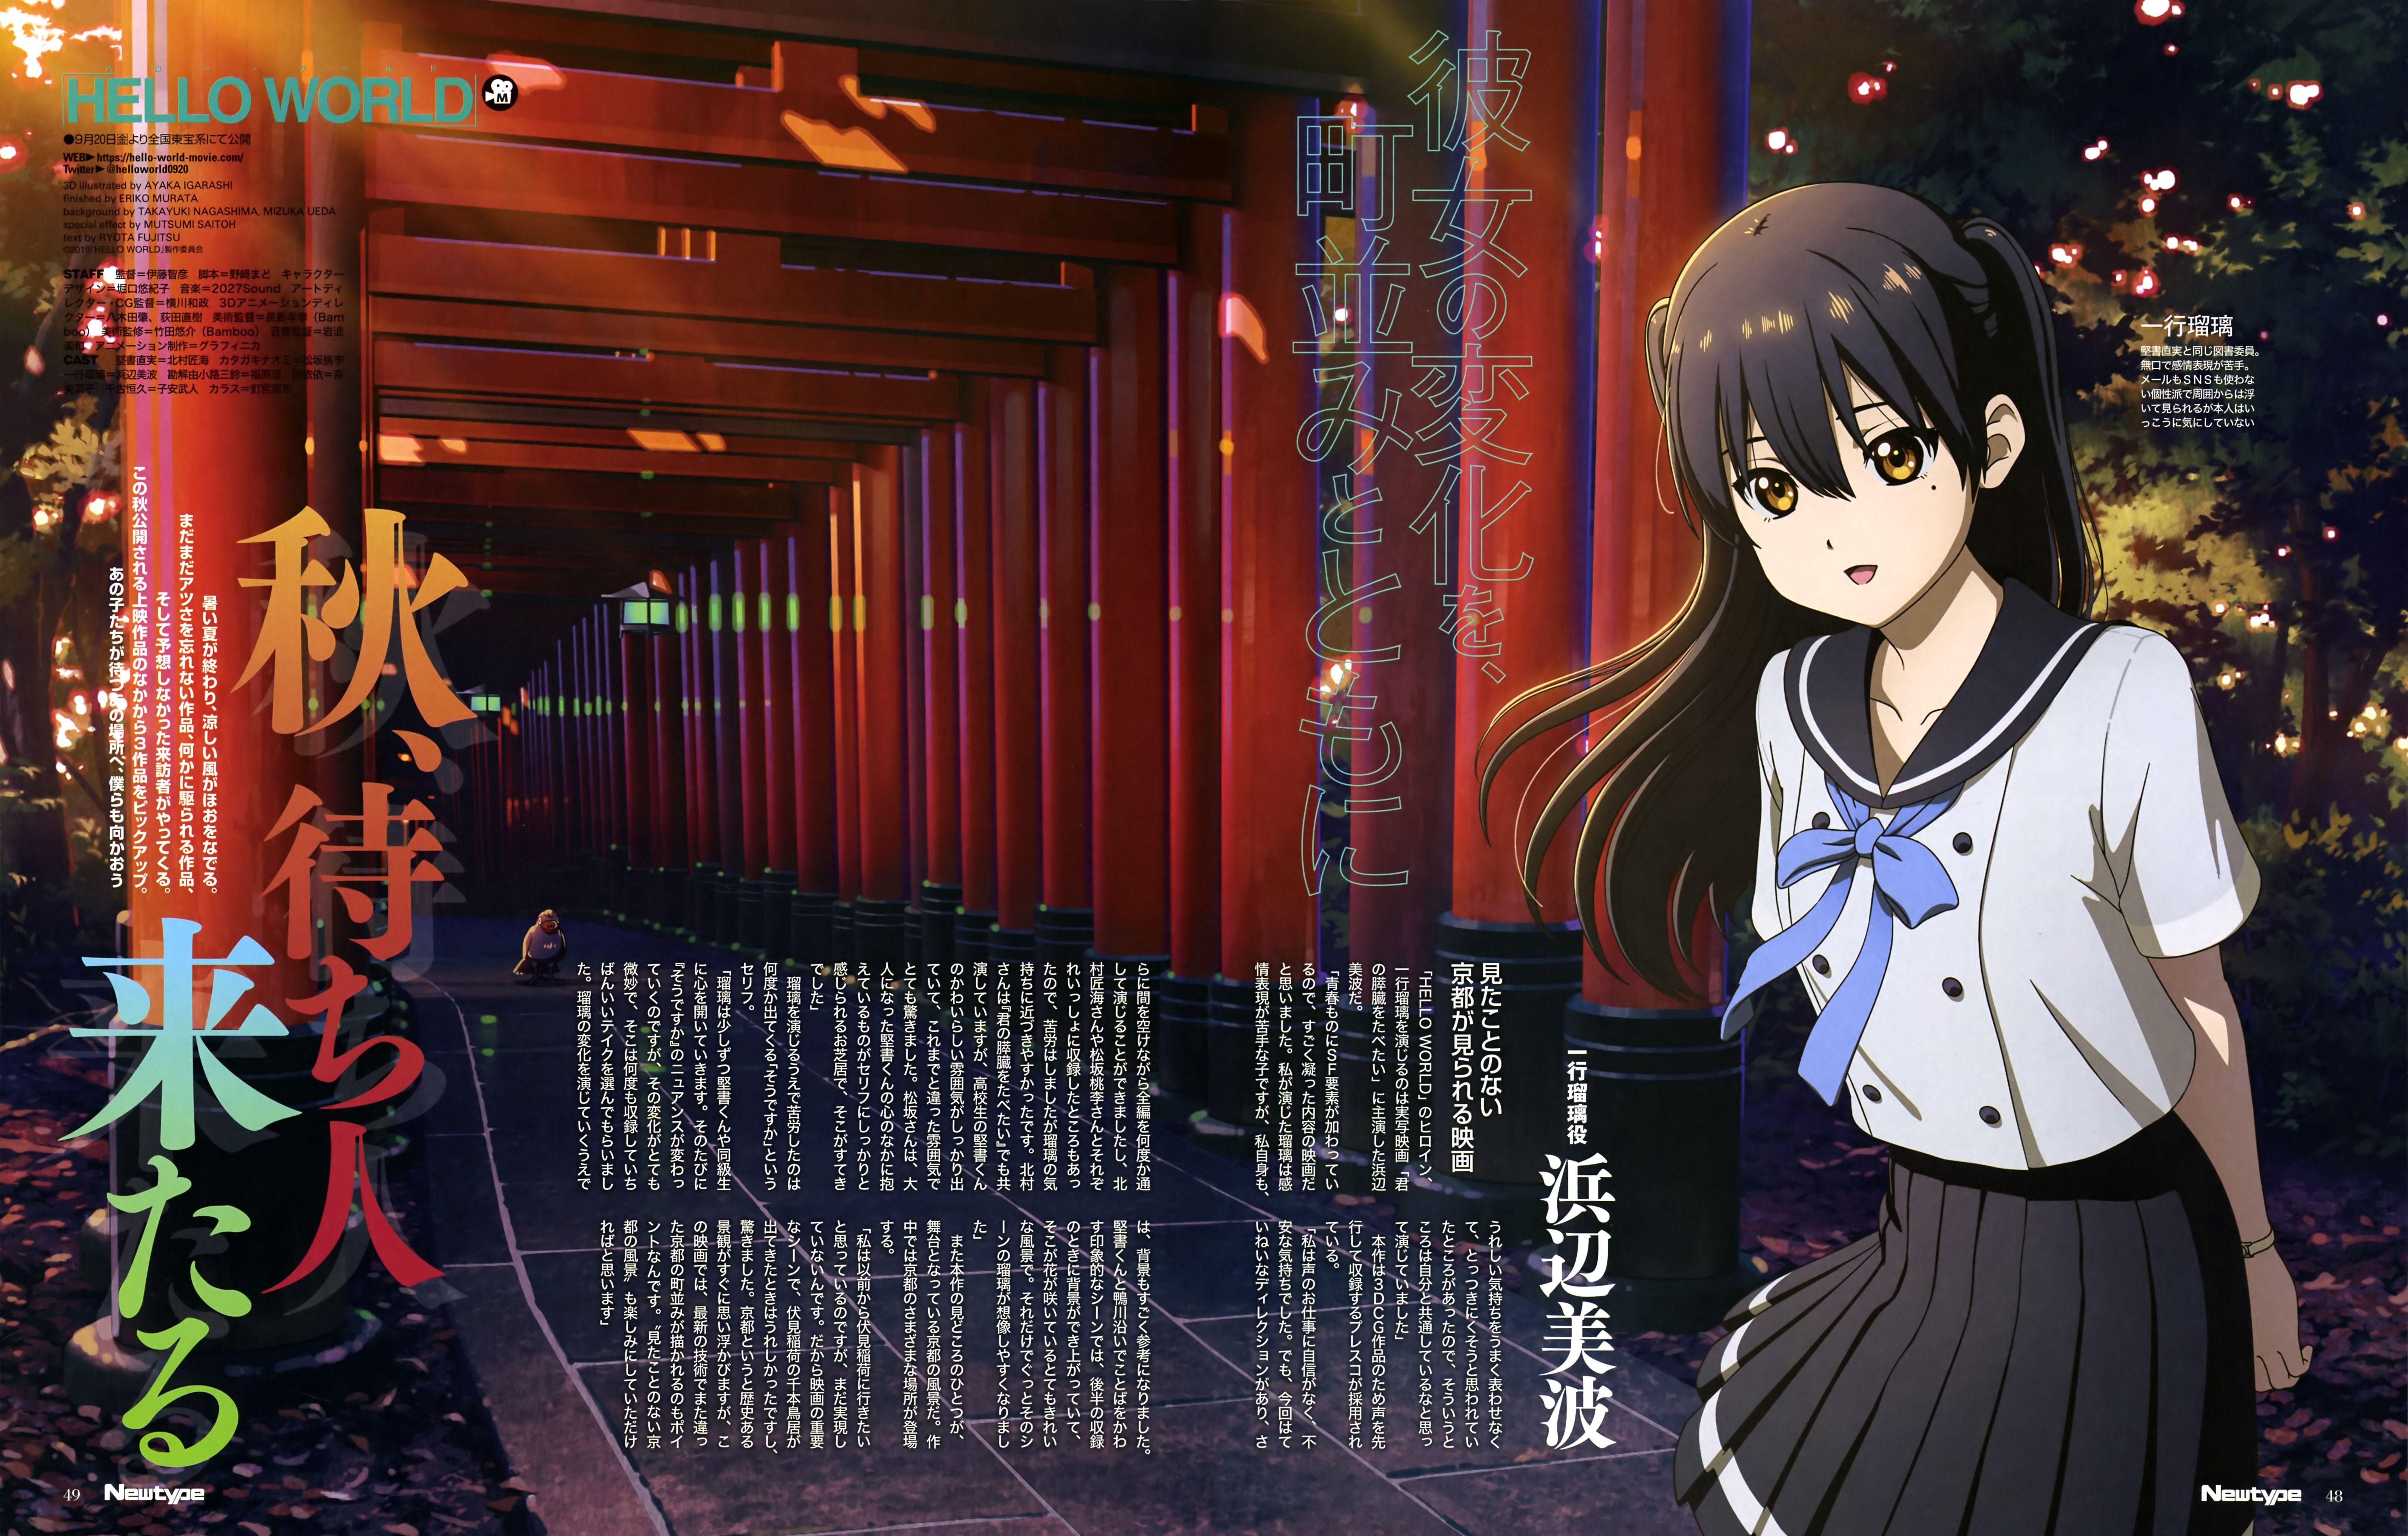 Hd Wallpaper Ruri Ichigyo Hello World Anime